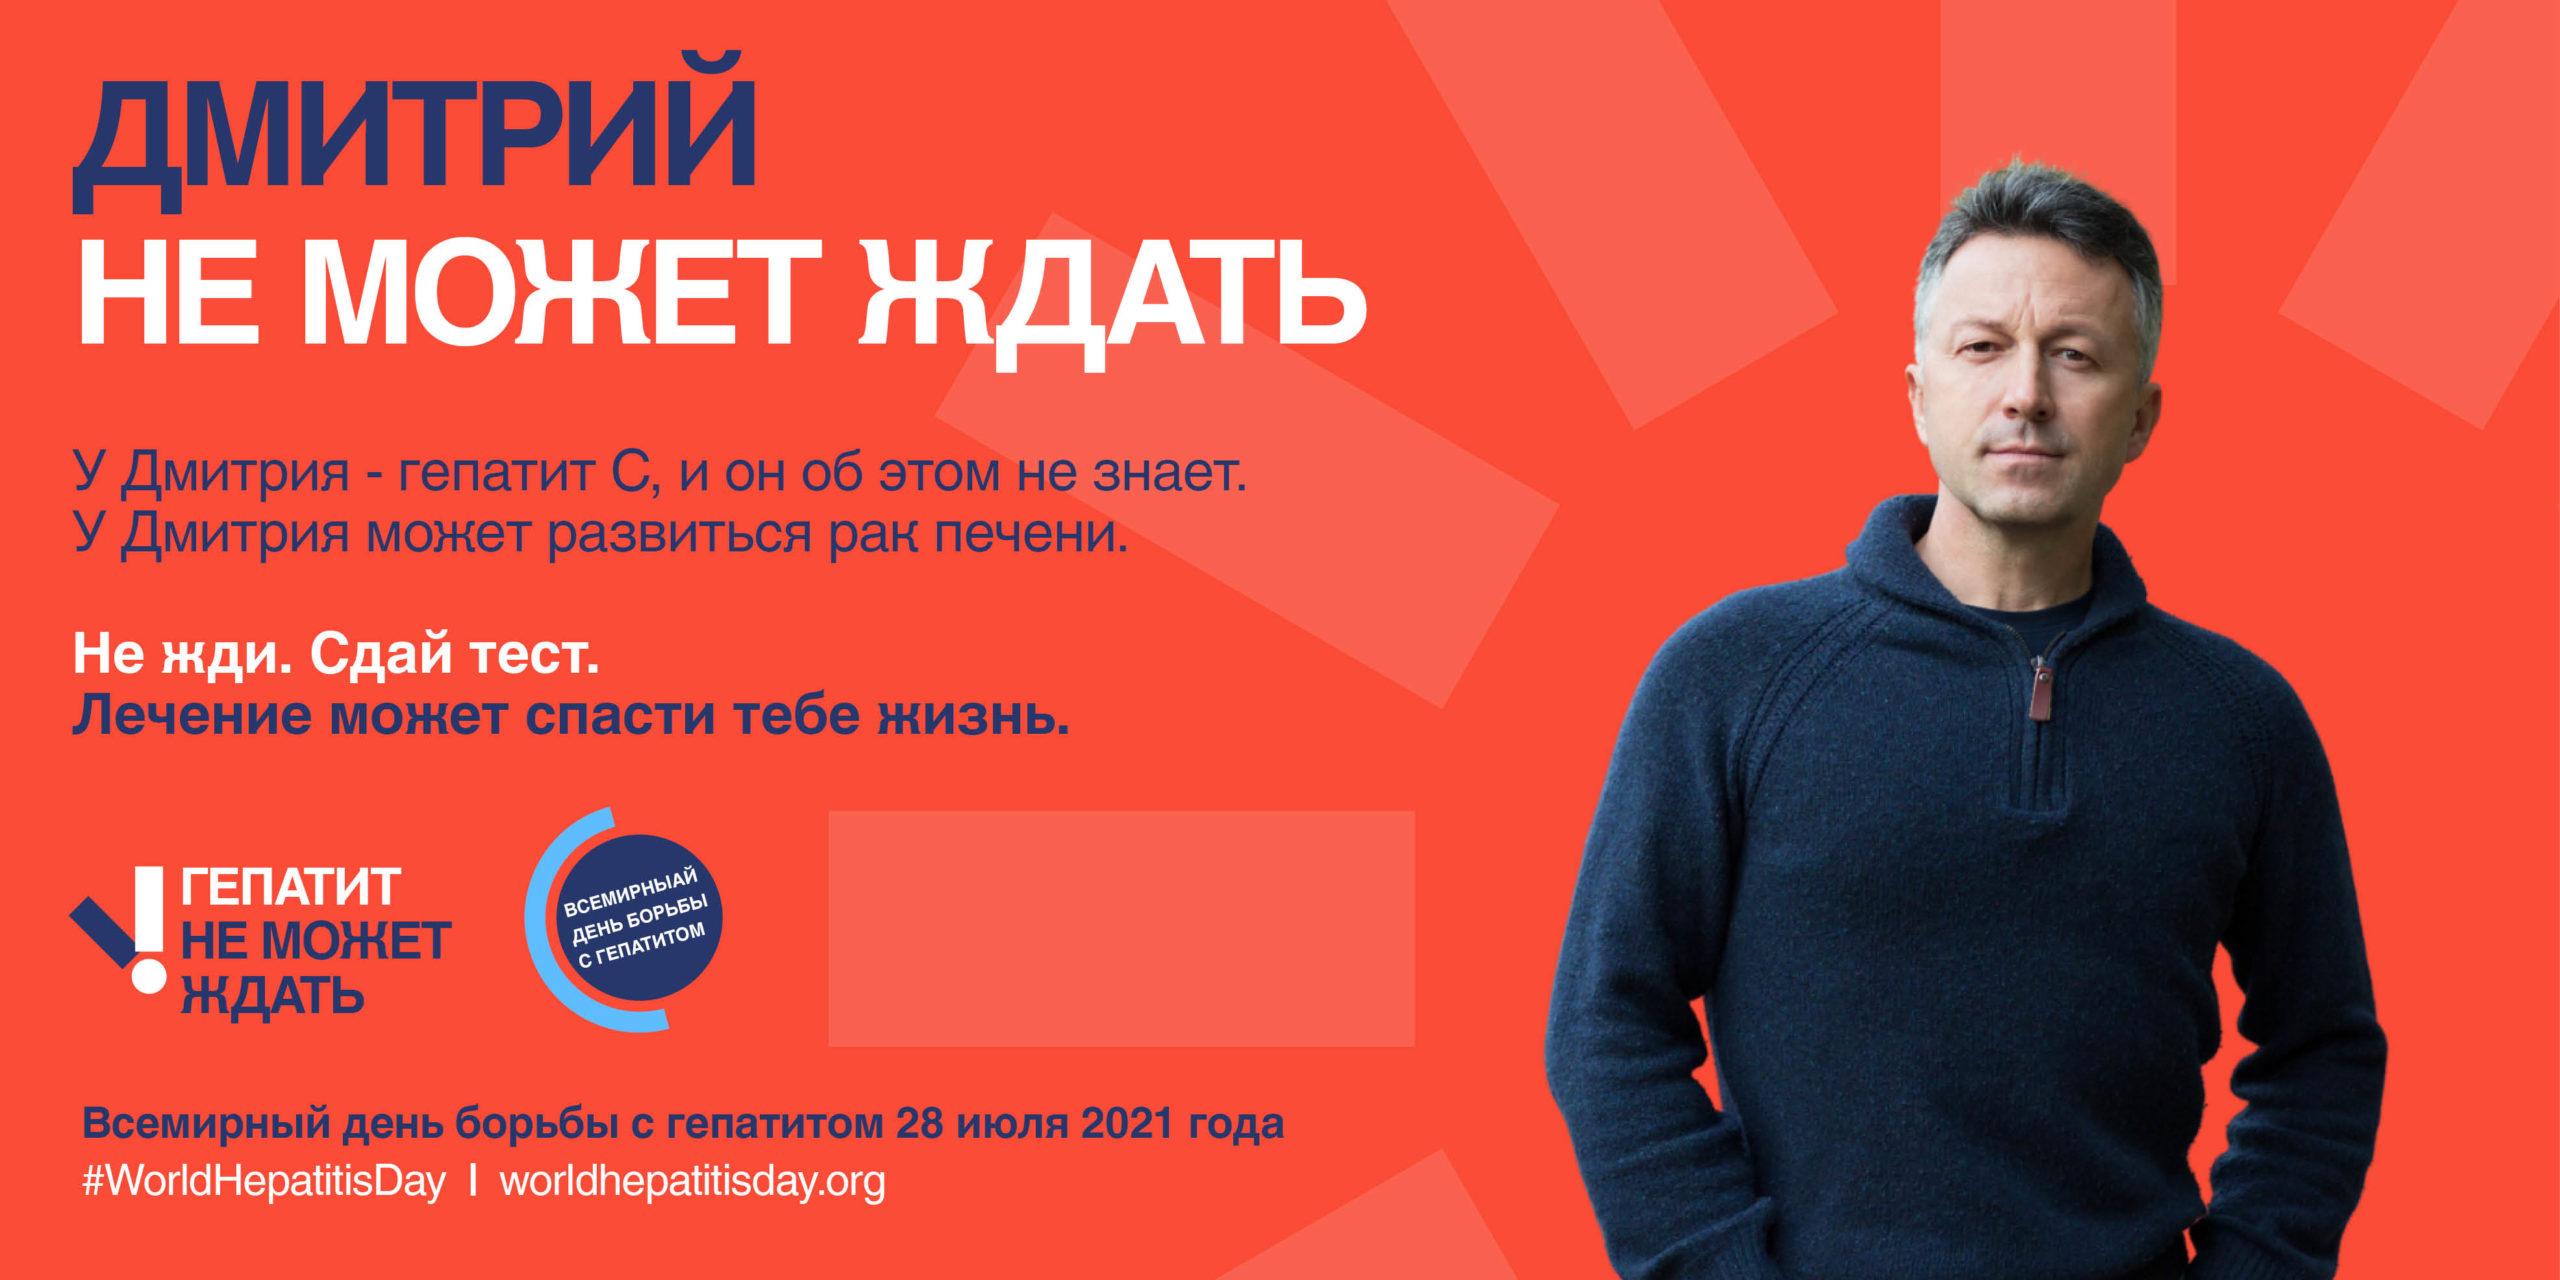 Дмитрий не может ждать Social Poster